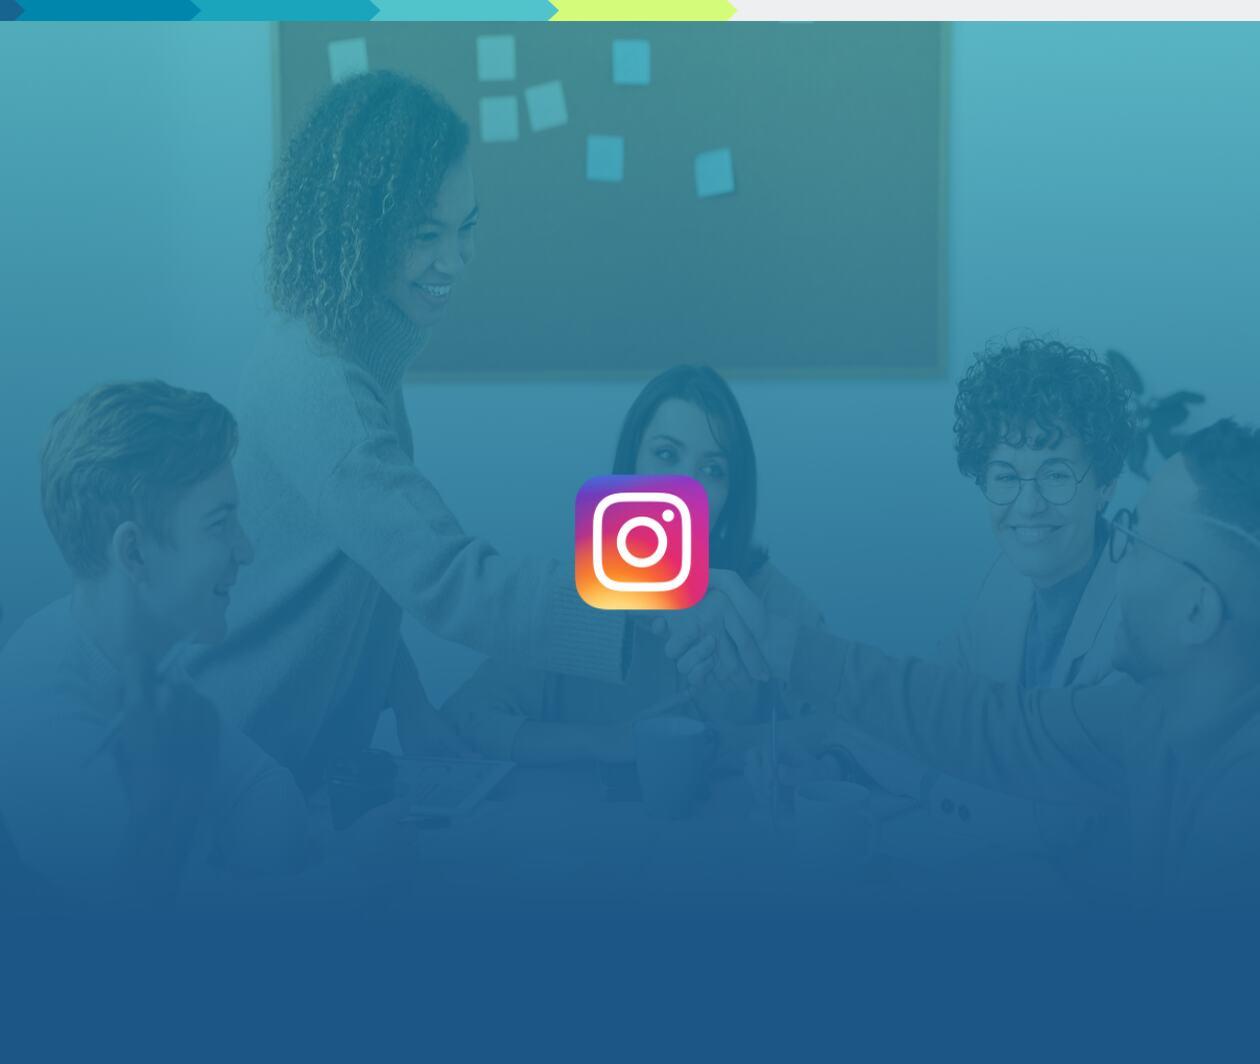 Instagram Marketing: Instagram Essentials and Content Creation